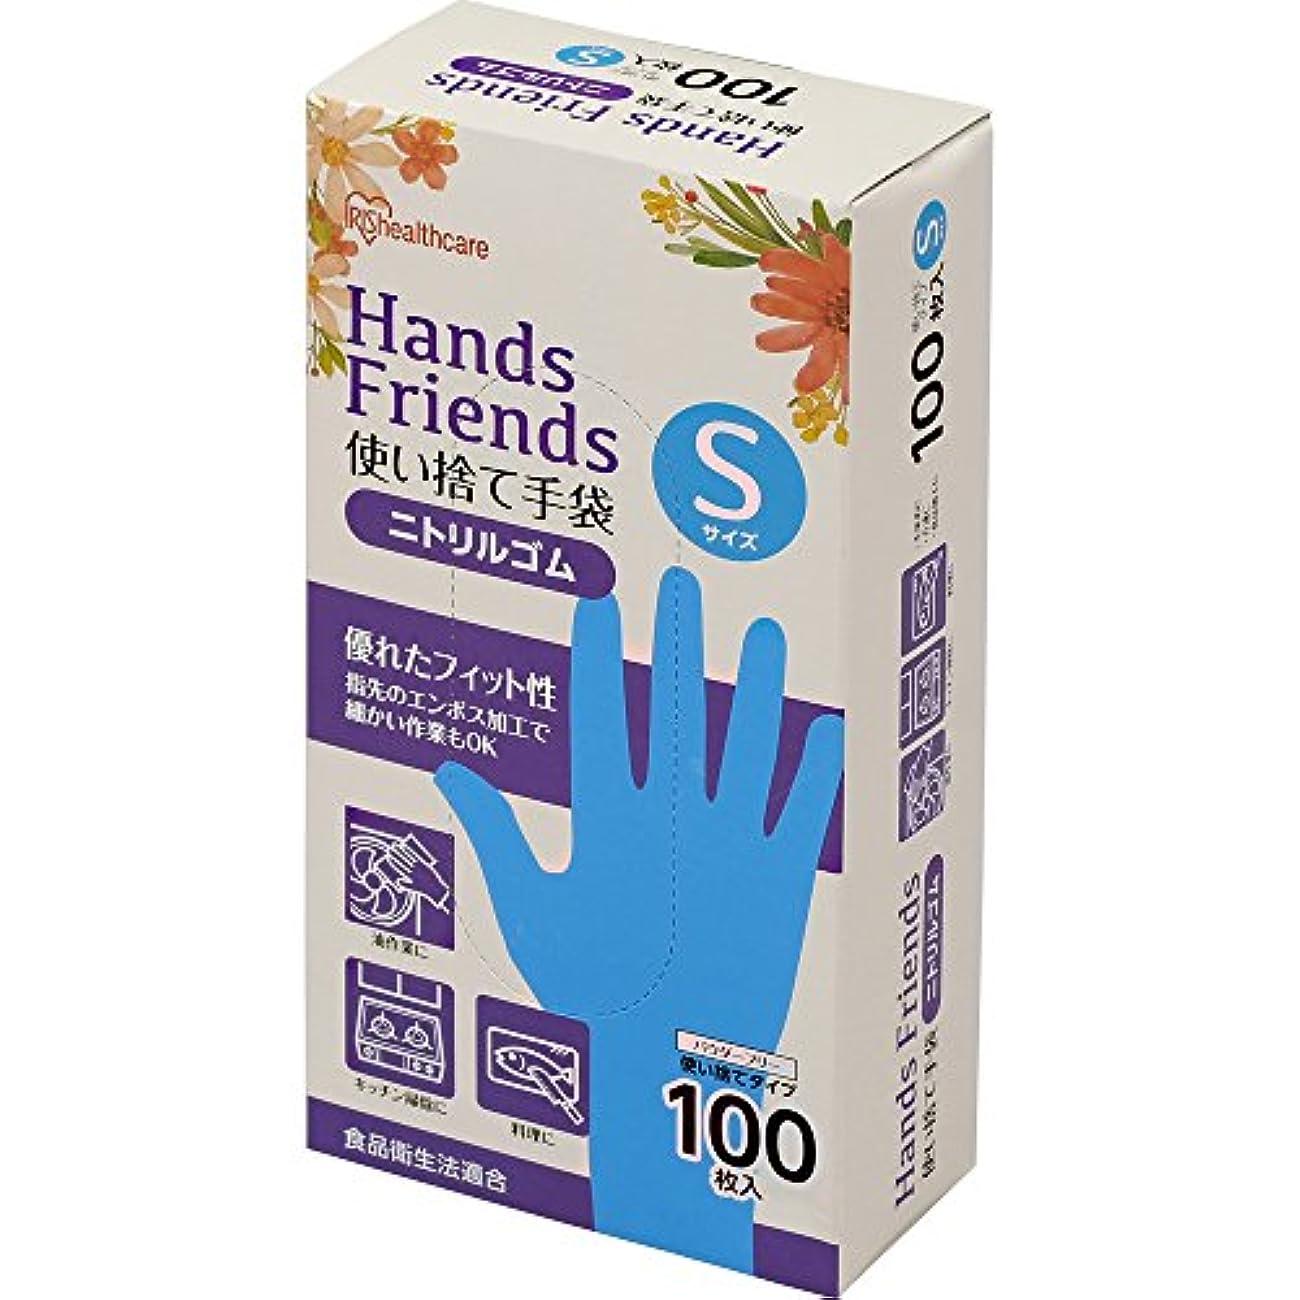 まっすぐにする神不安定使い捨て手袋 ブルー ニトリルゴム 100枚 Sサイズ NBR-100S